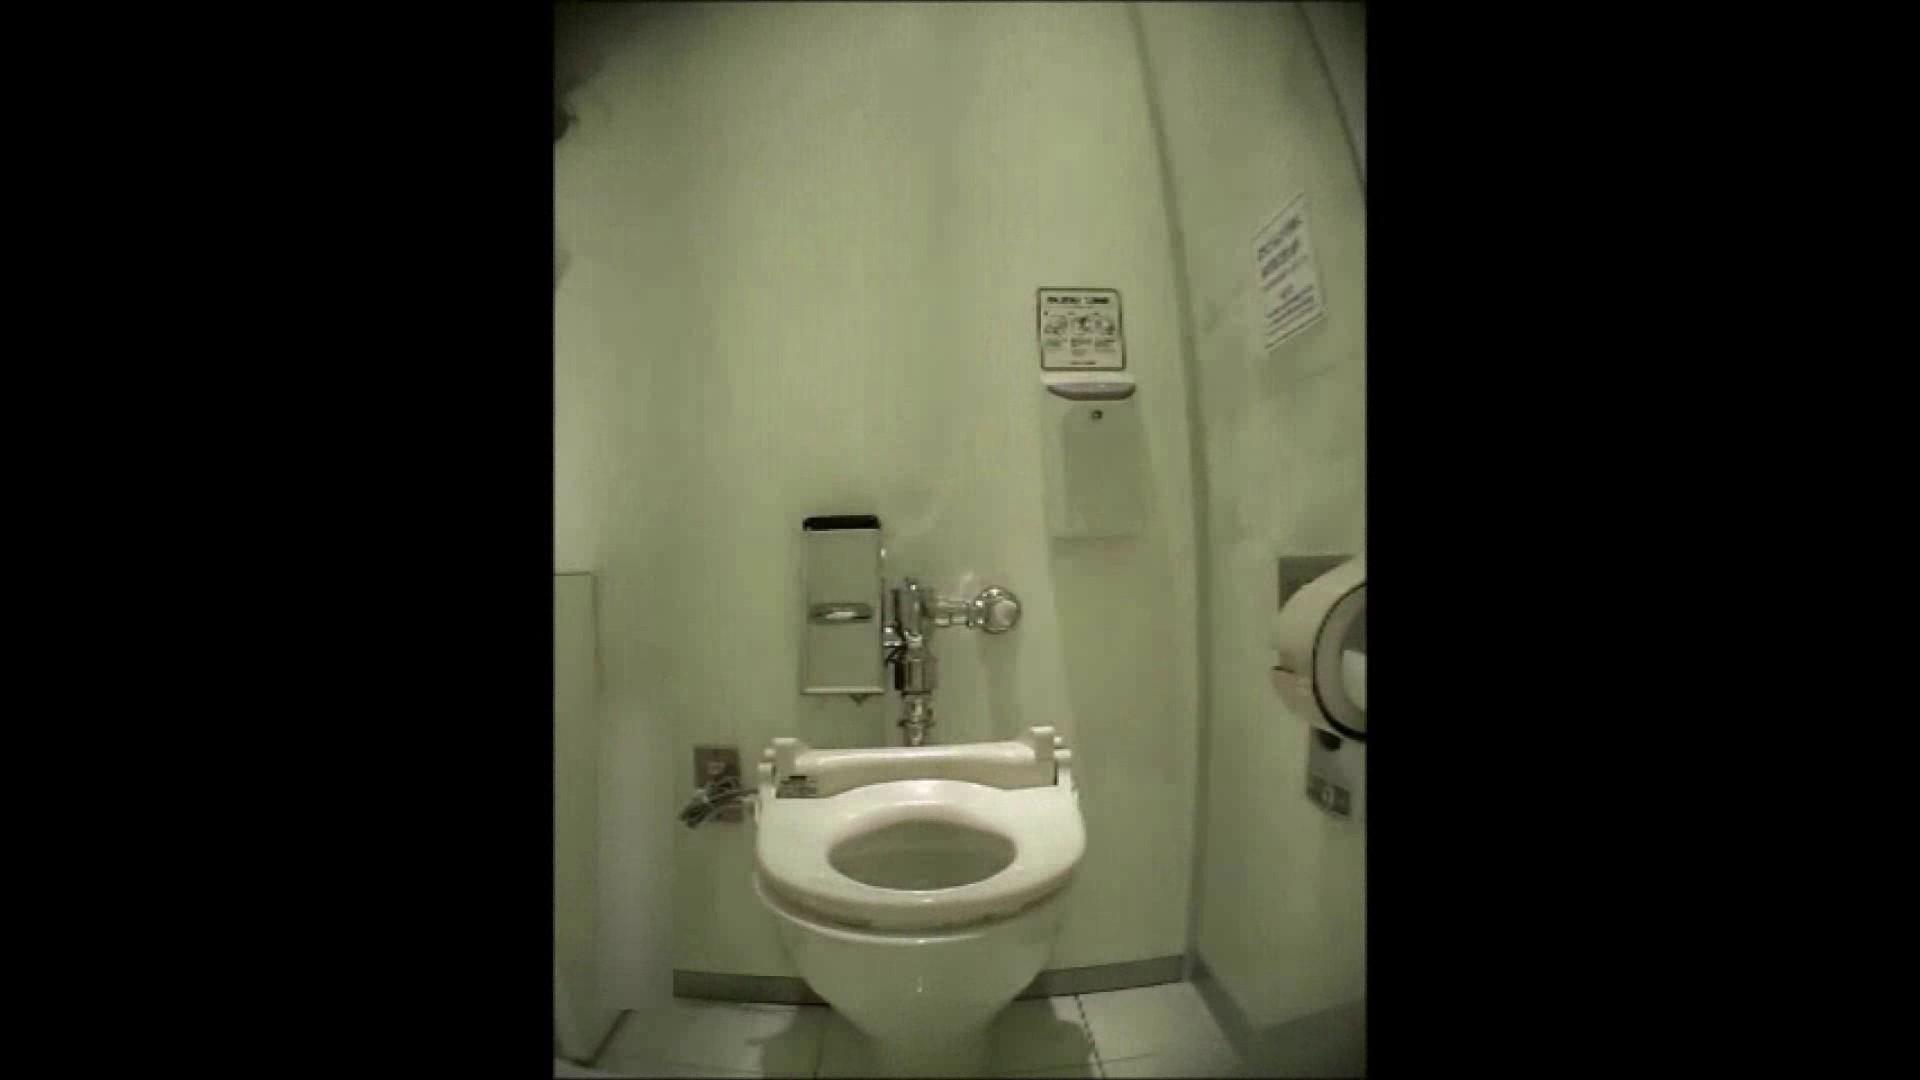 洗面所盗撮~隣の美人お姉さんVol.16 うんこ生画像 隠し撮りオマンコ動画紹介 102PICs 8